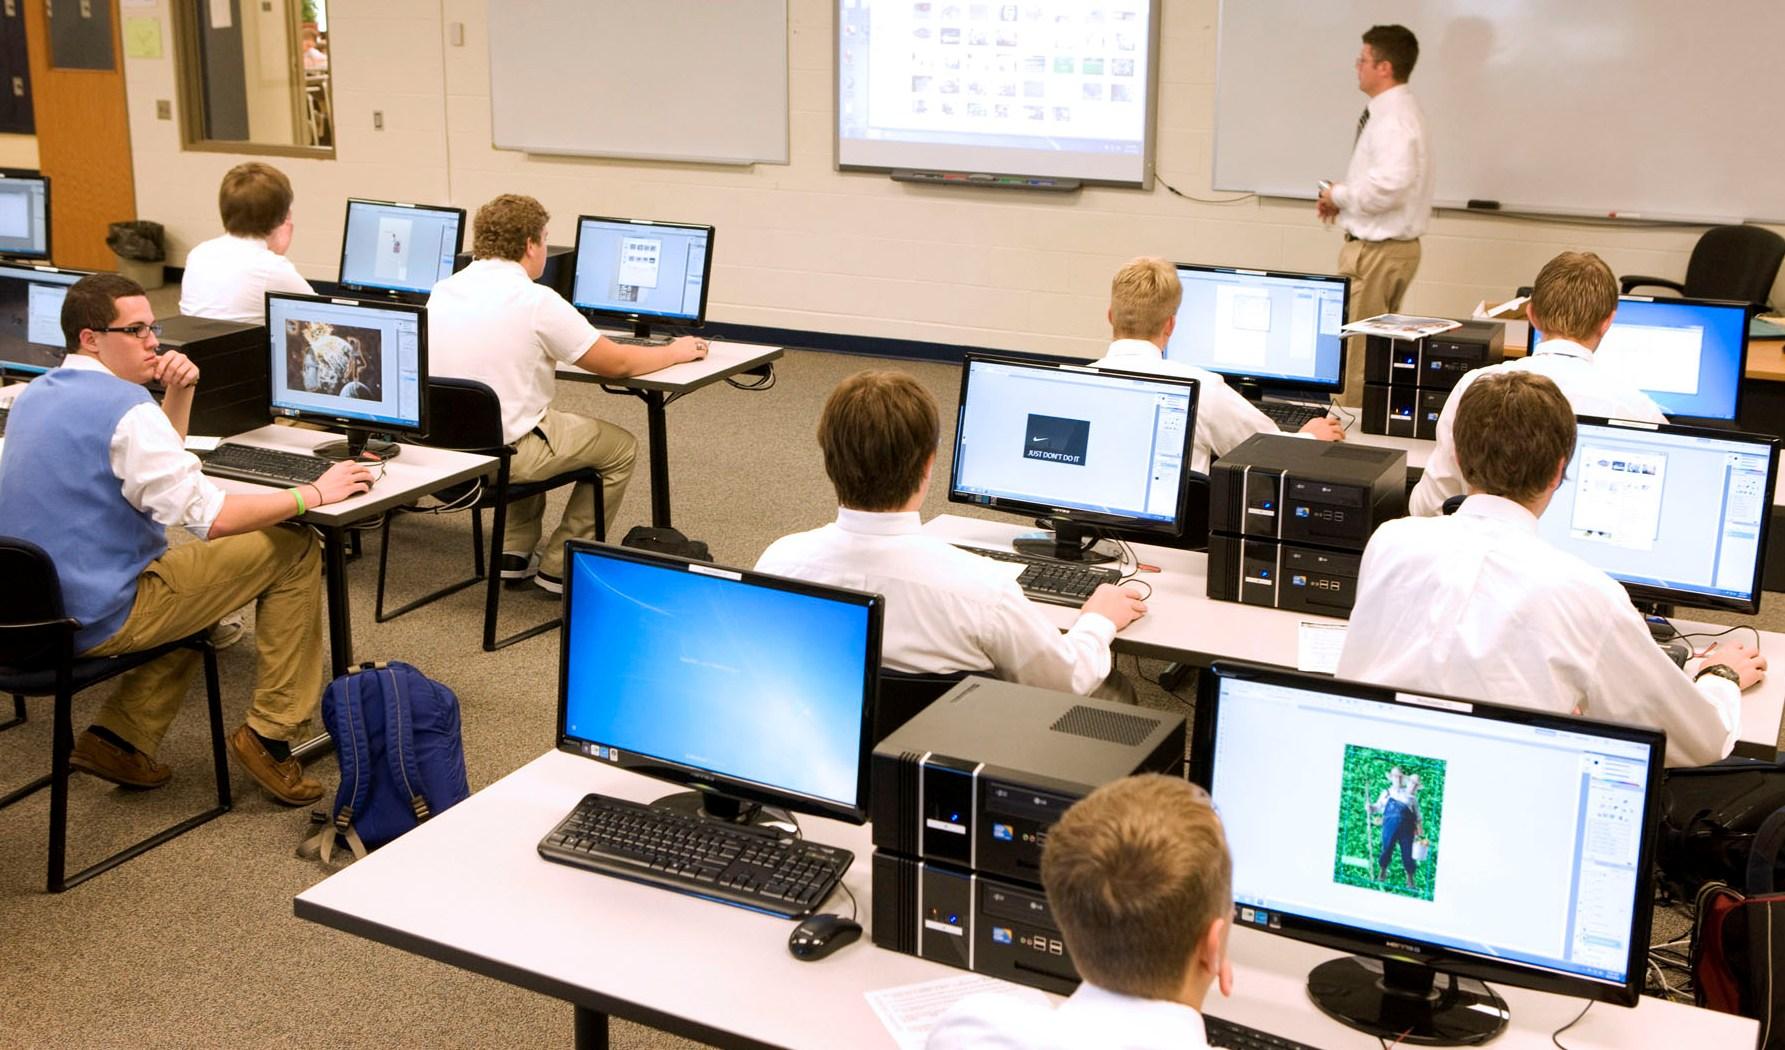 teknologi untuk siswa